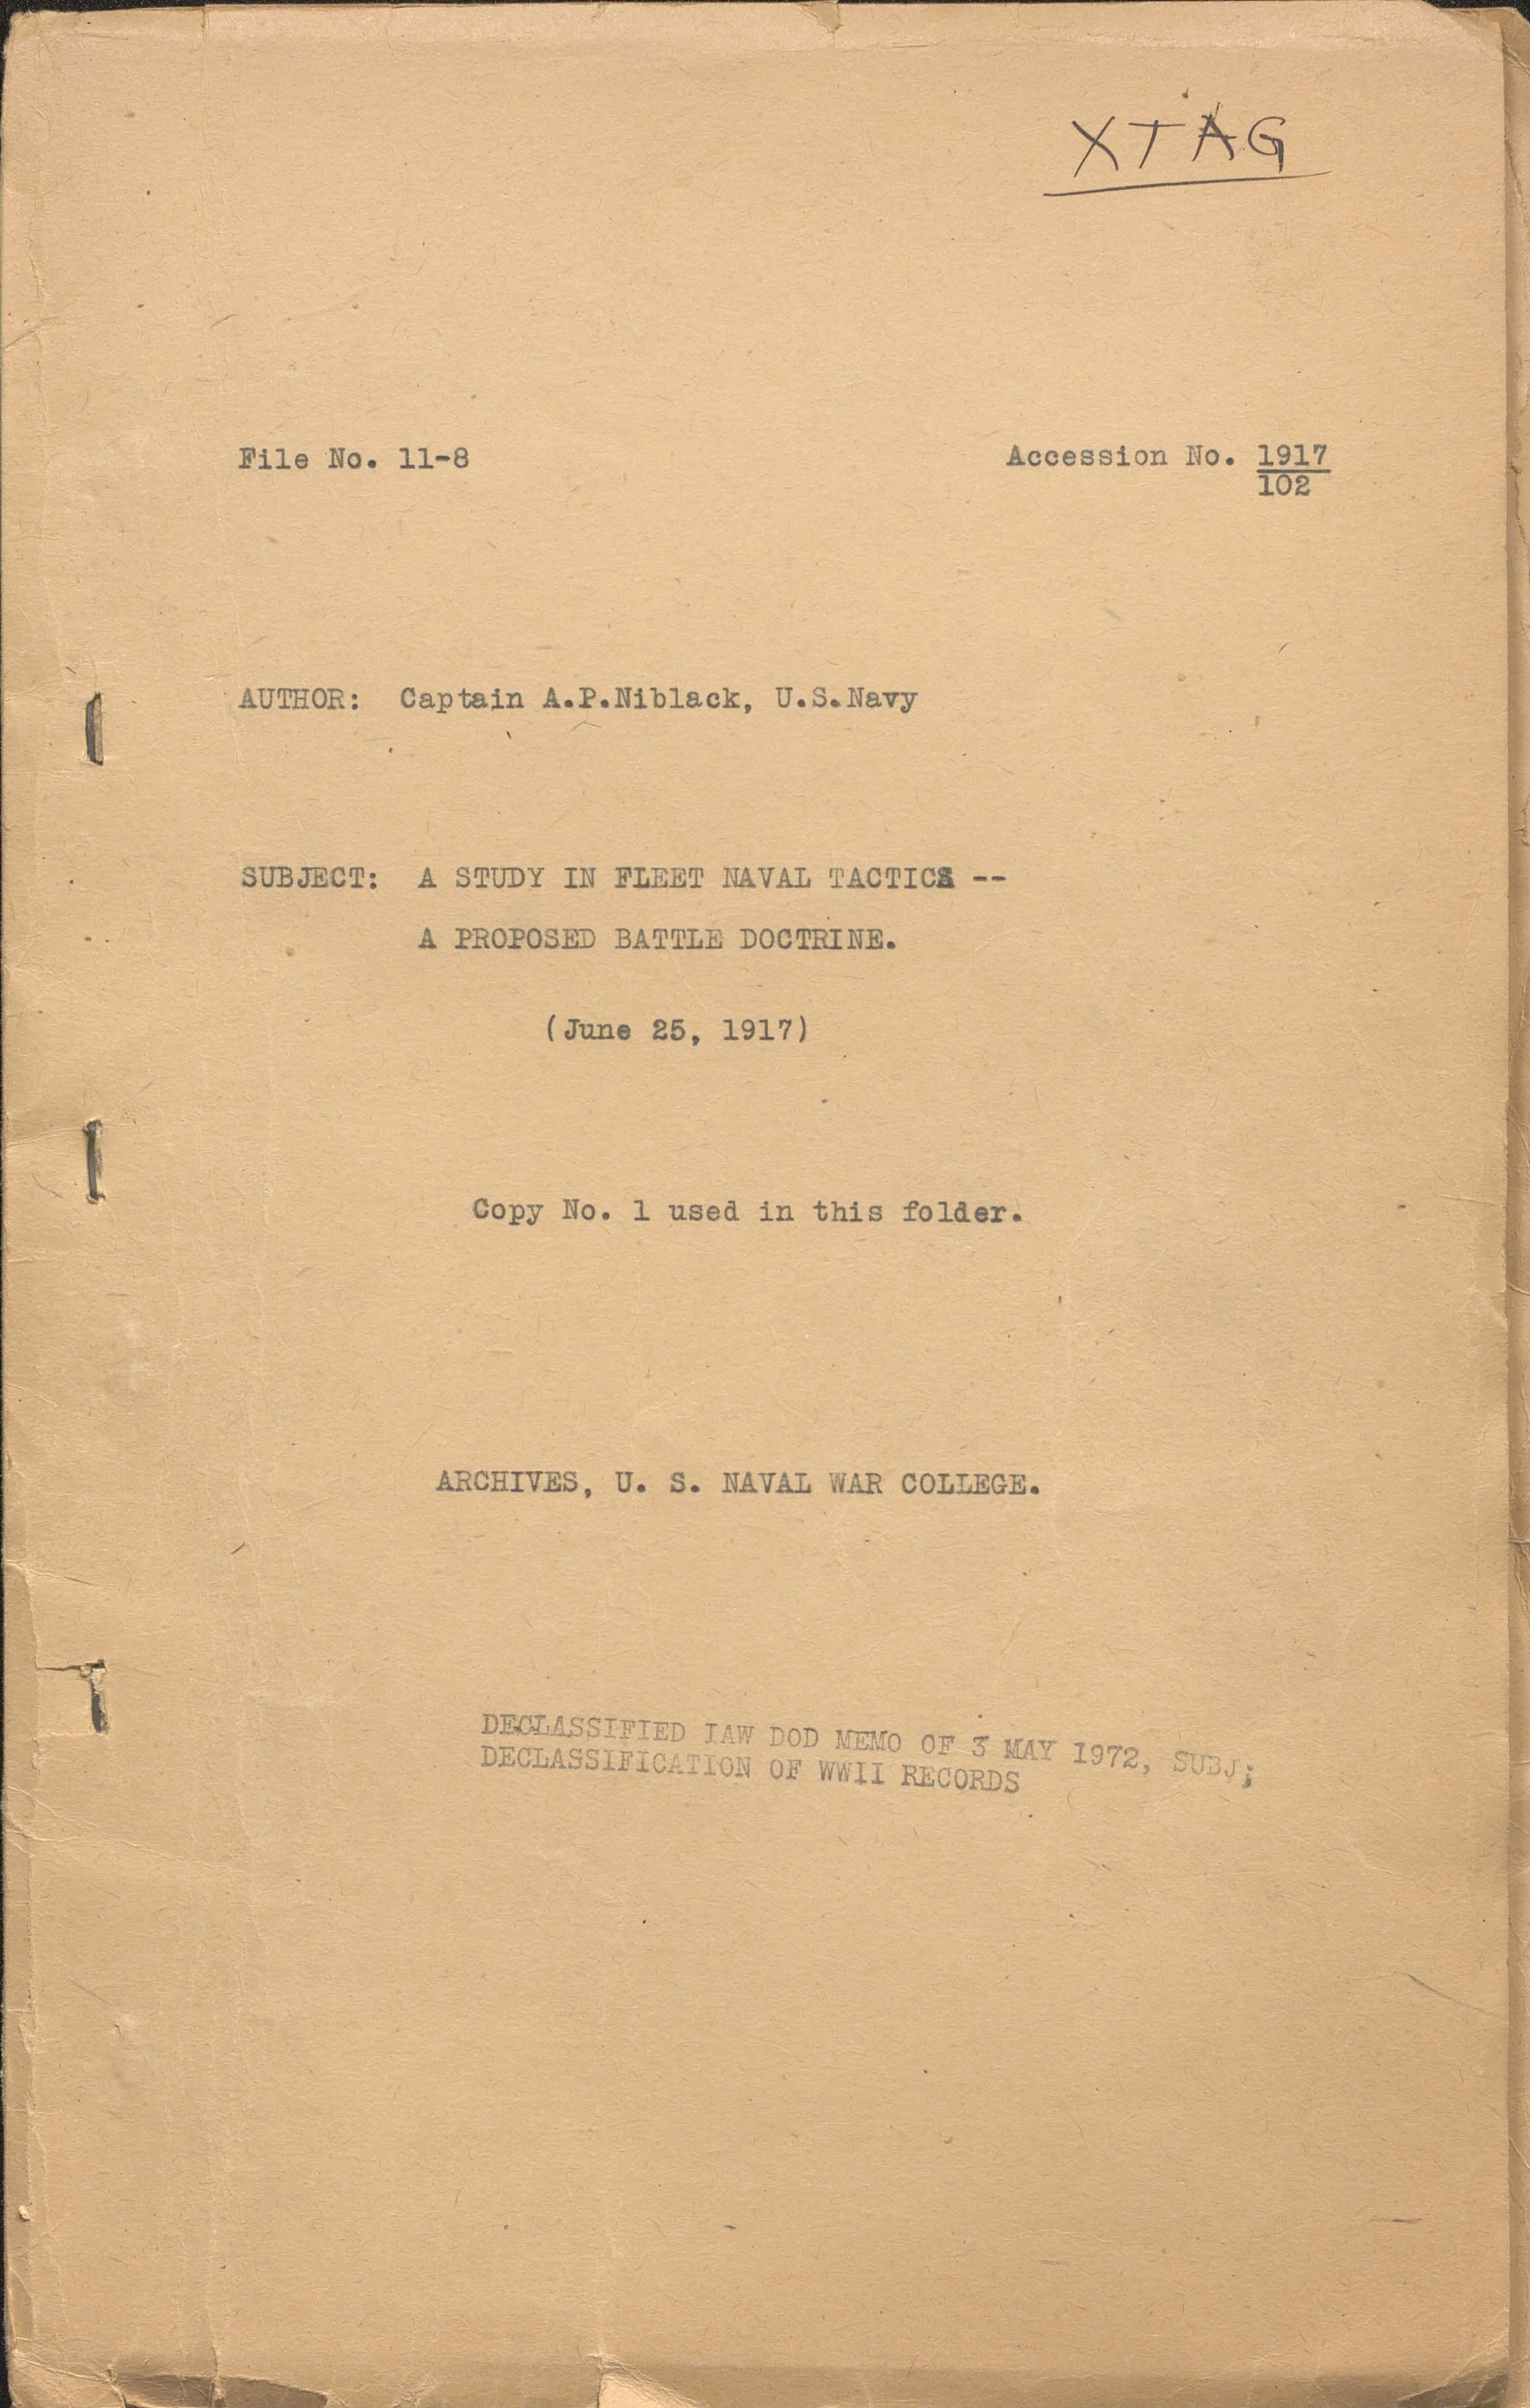 A study in fleet naval tactics: a proposal battle doctrine, Capt. A. P. Niblack